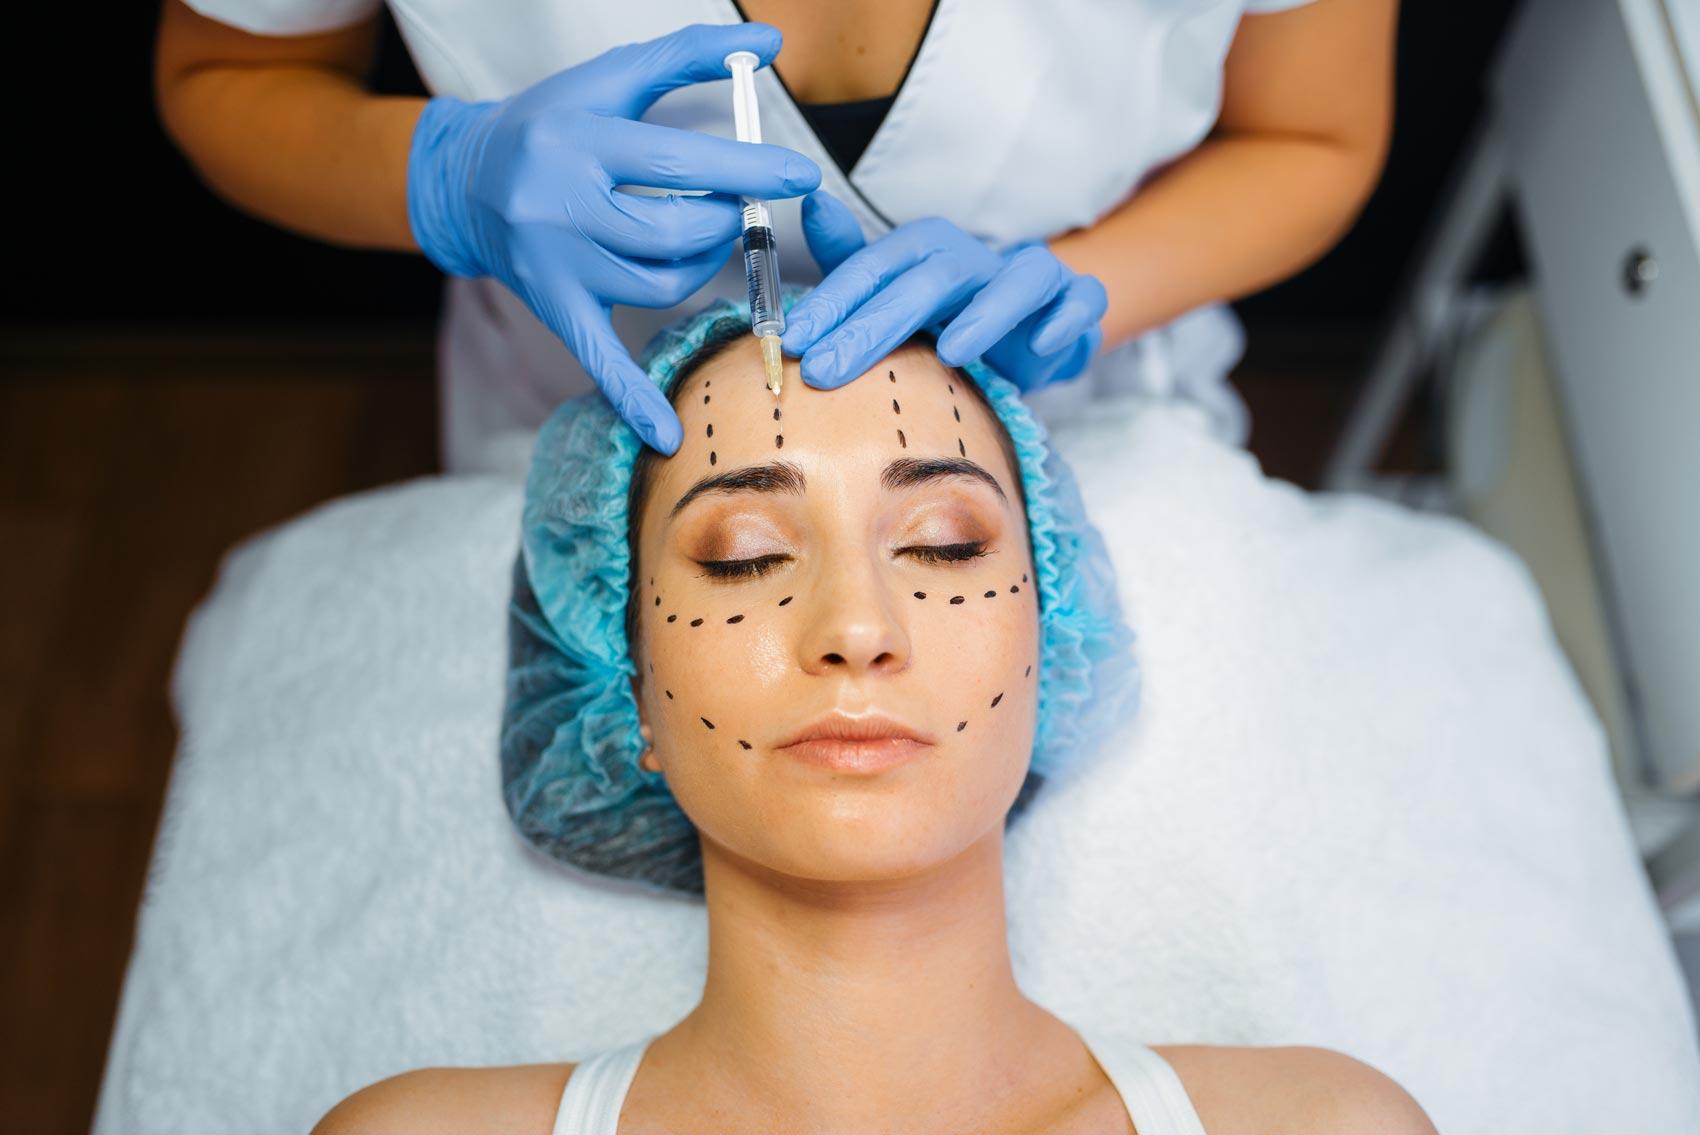 Mujer recibiendo de cosmetóloga tratamiento de ácido hialurónico en la frente